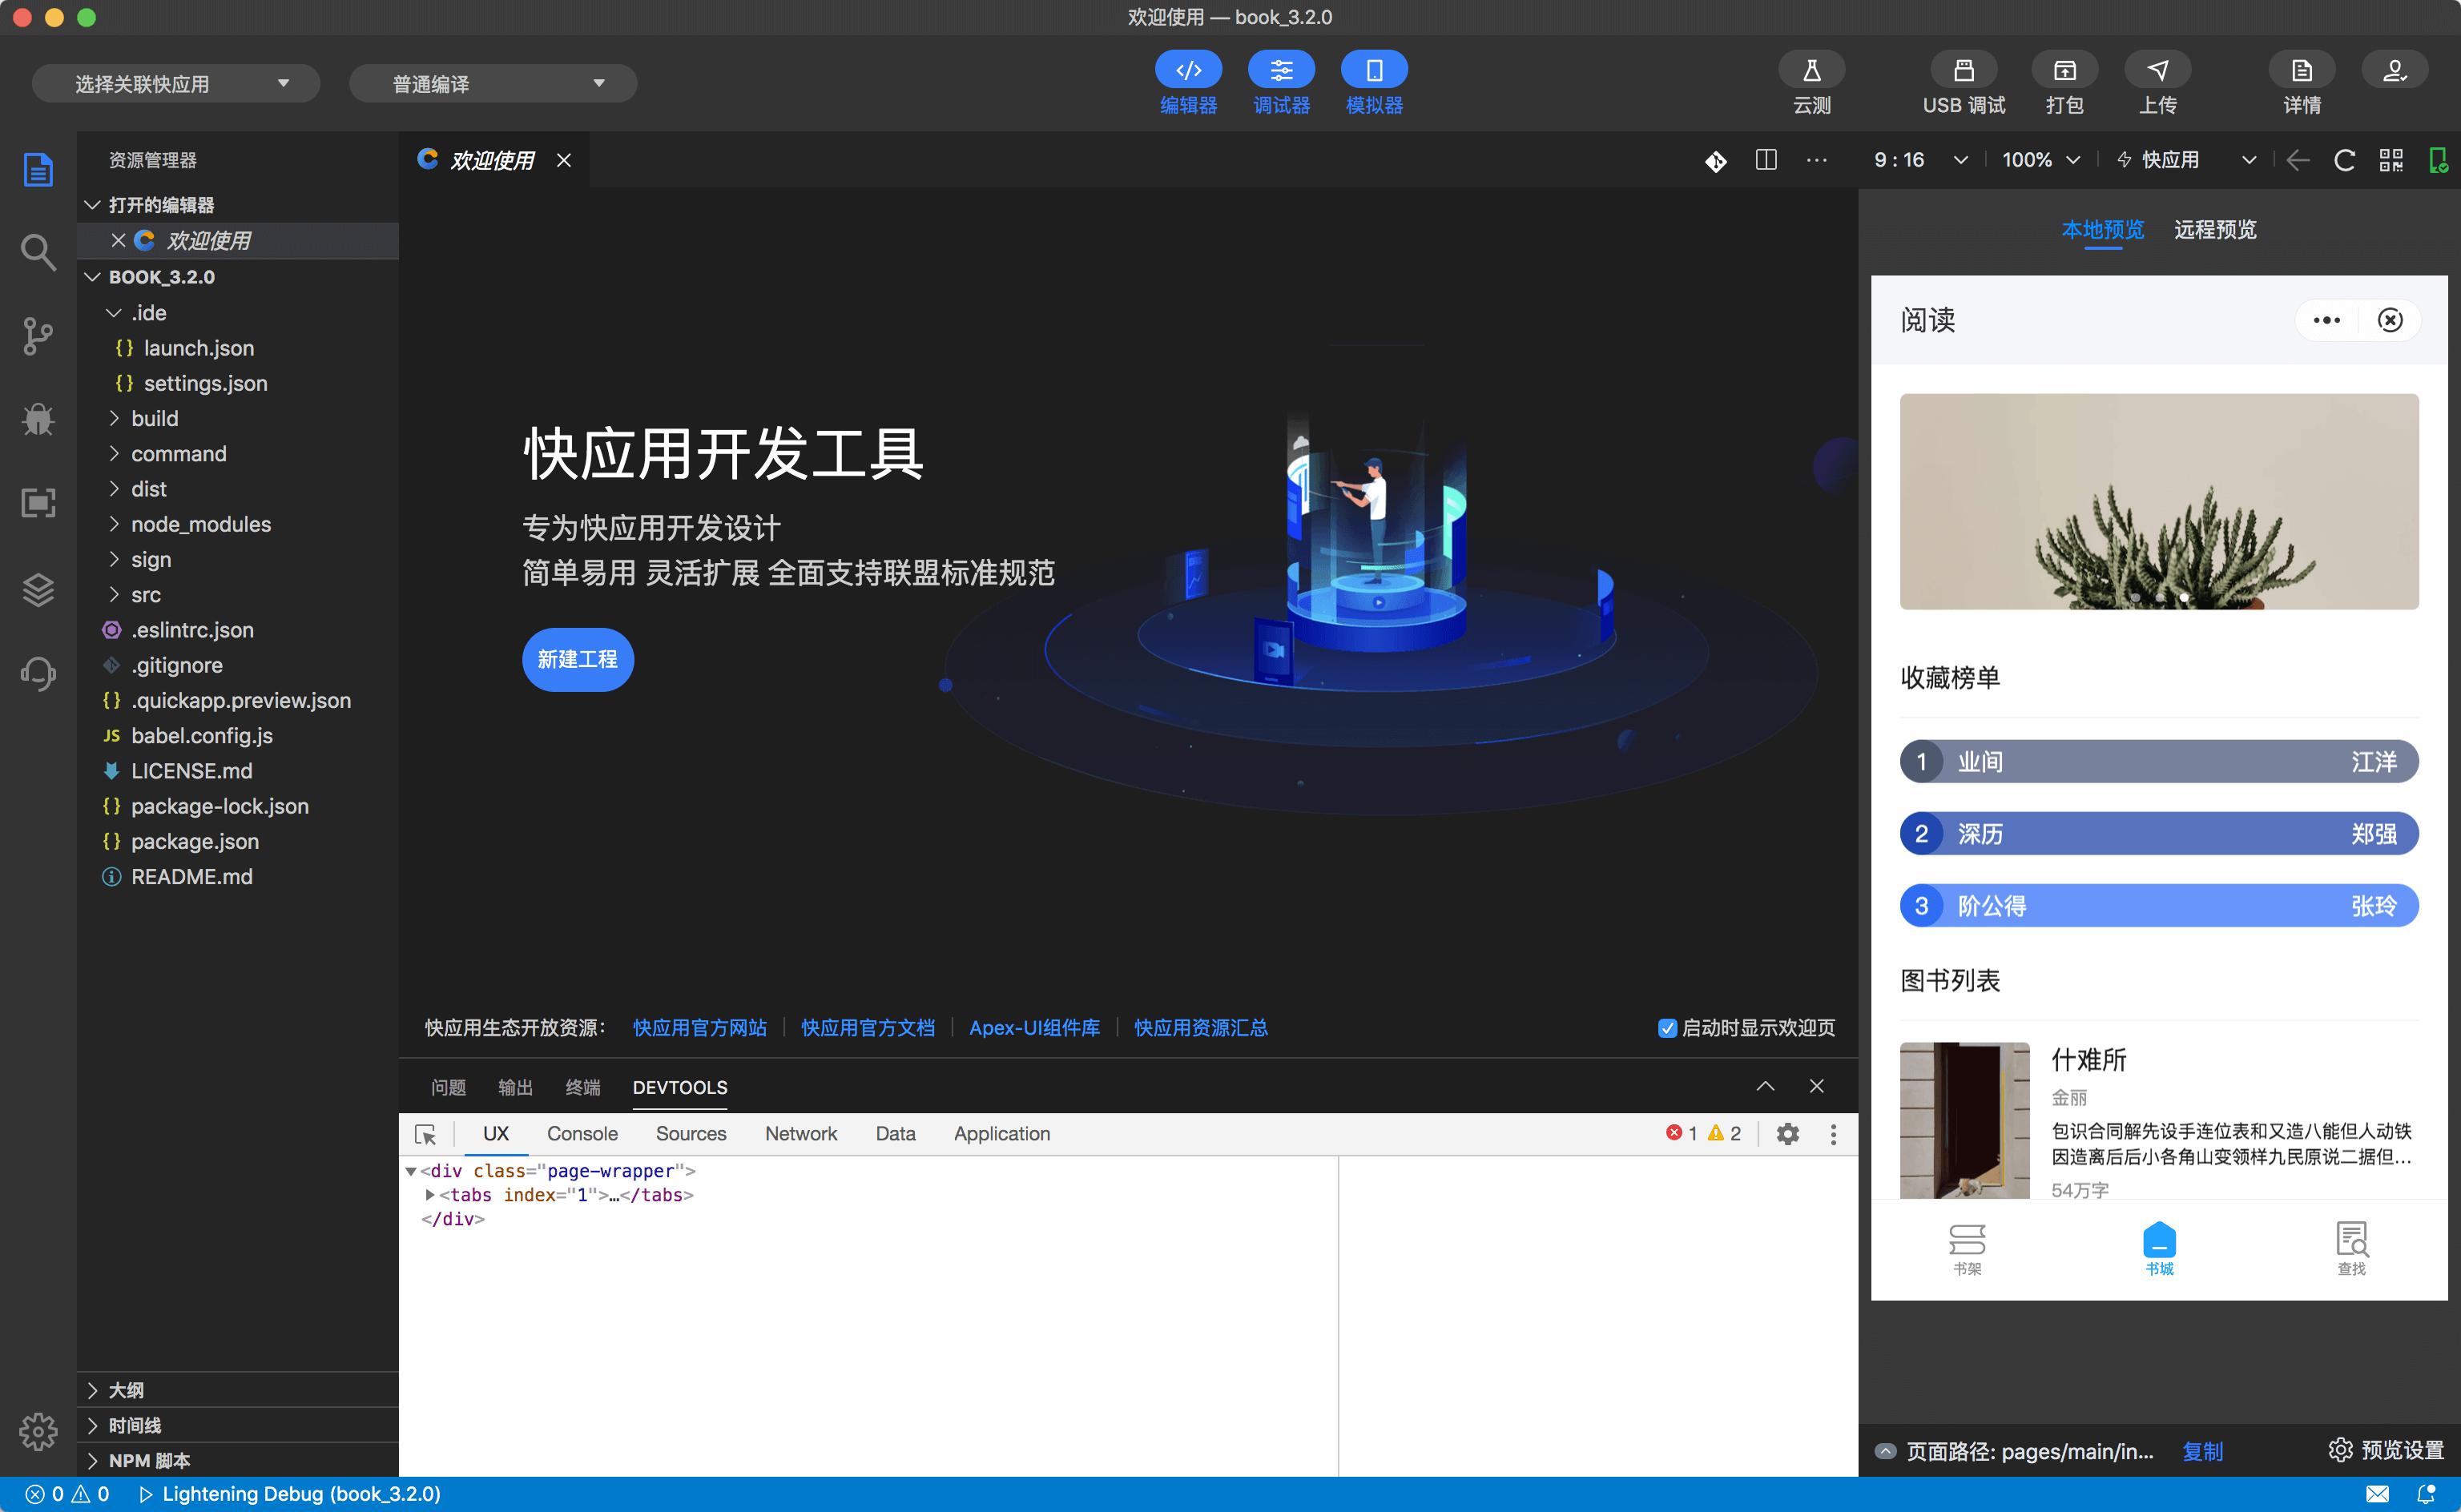 快应用 IDE 欢迎页改版